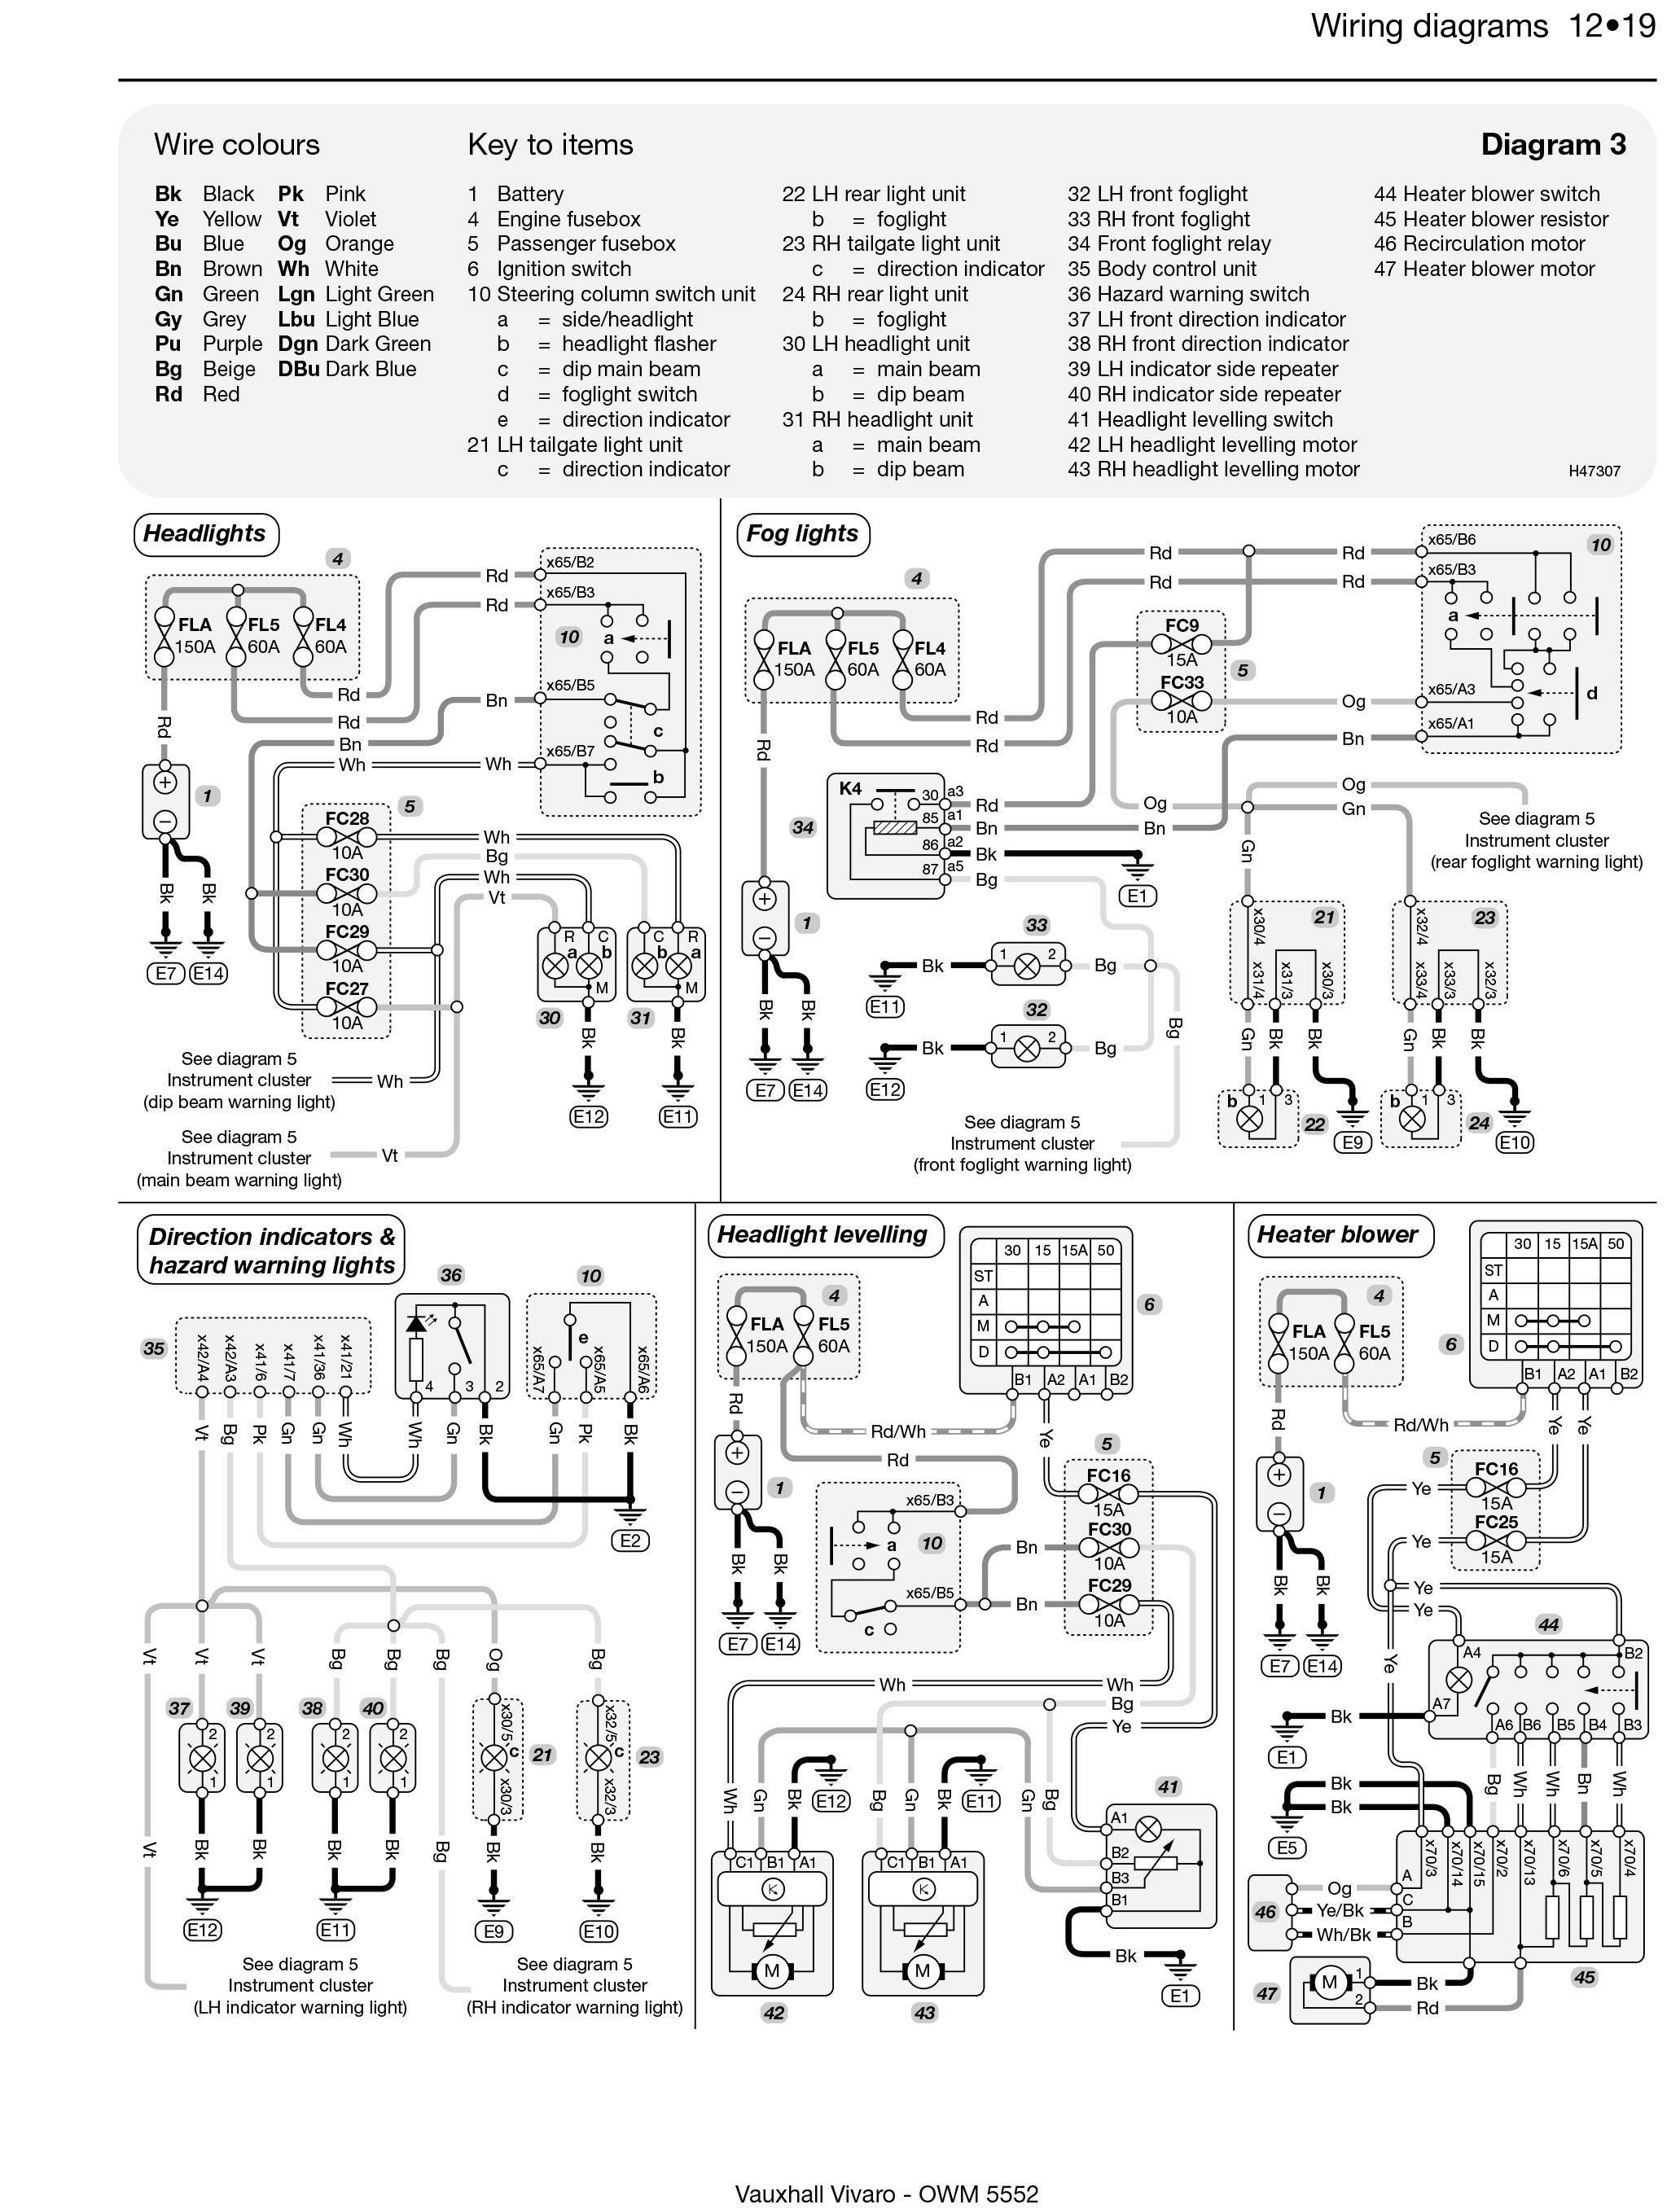 vauxhall vivaro engine wiring diagram vauxhall vivaro radio wiring diagram vauxhall/opel vivaro diesel (01 - 11) haynes repair manual ... #3